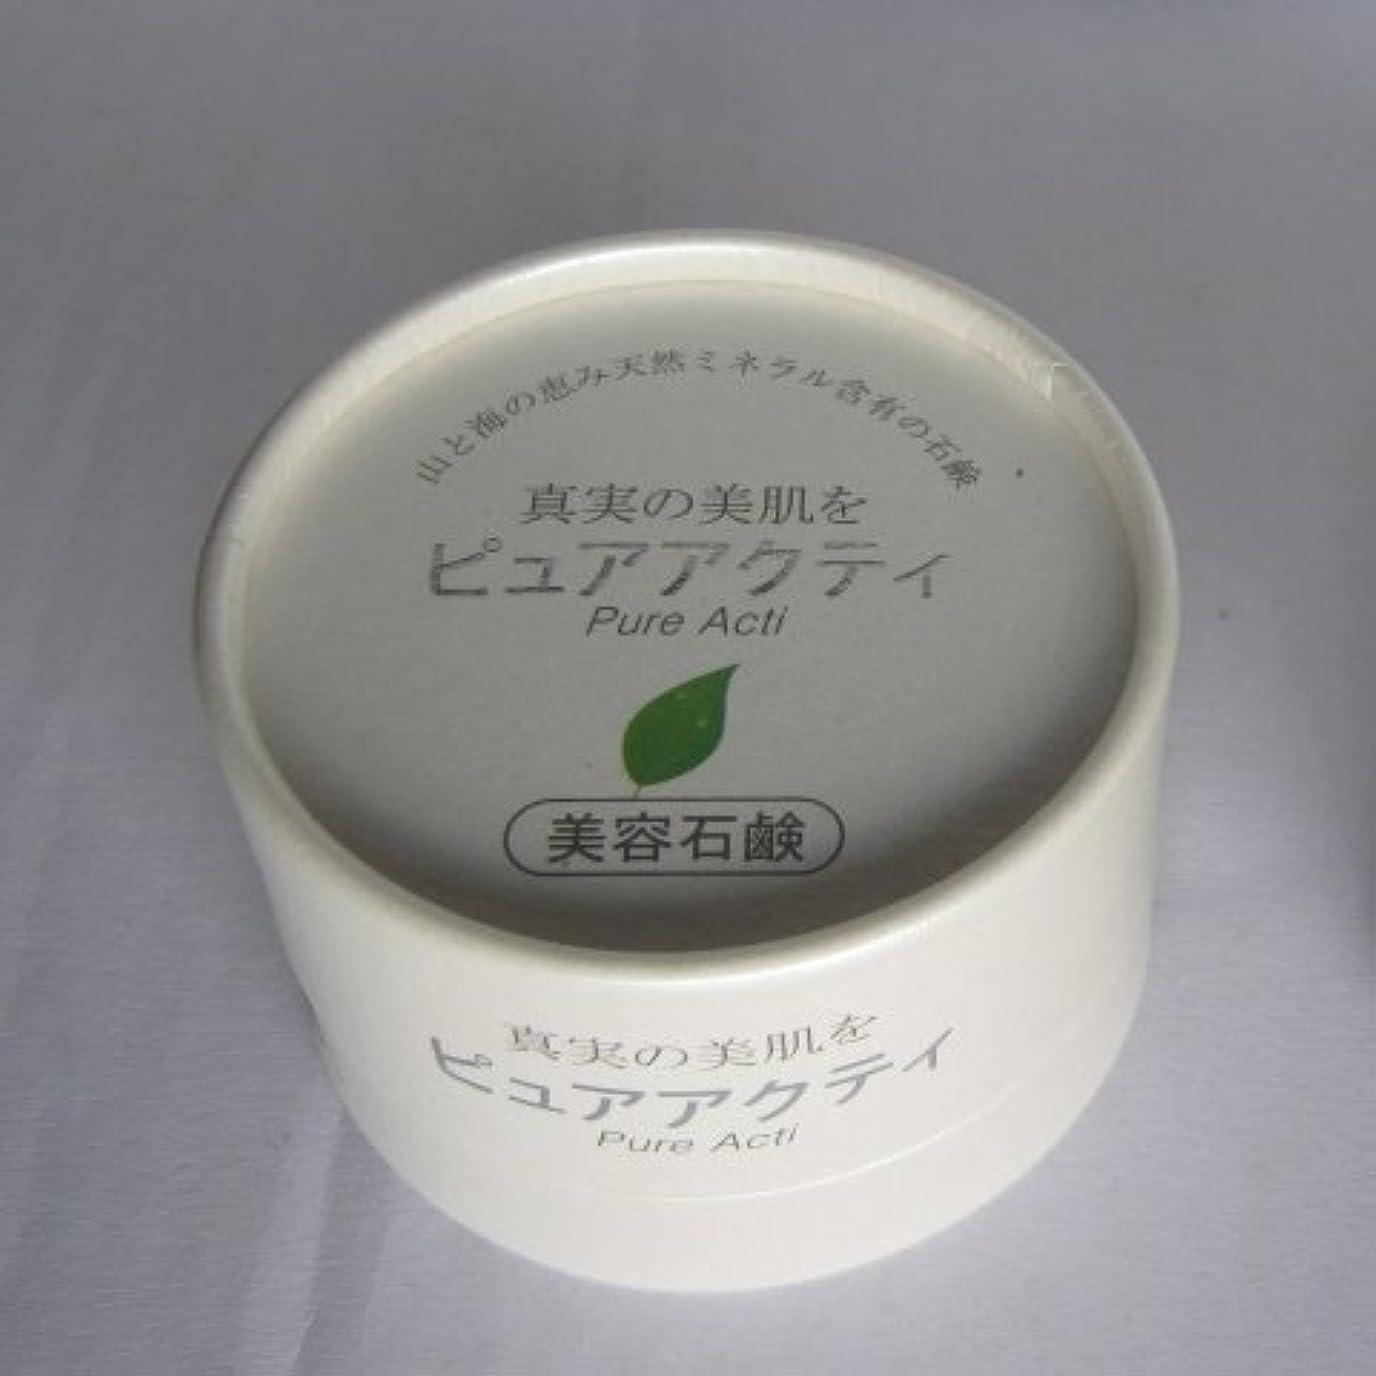 エロチック国供給ピュアアクティ(美容石鹸)